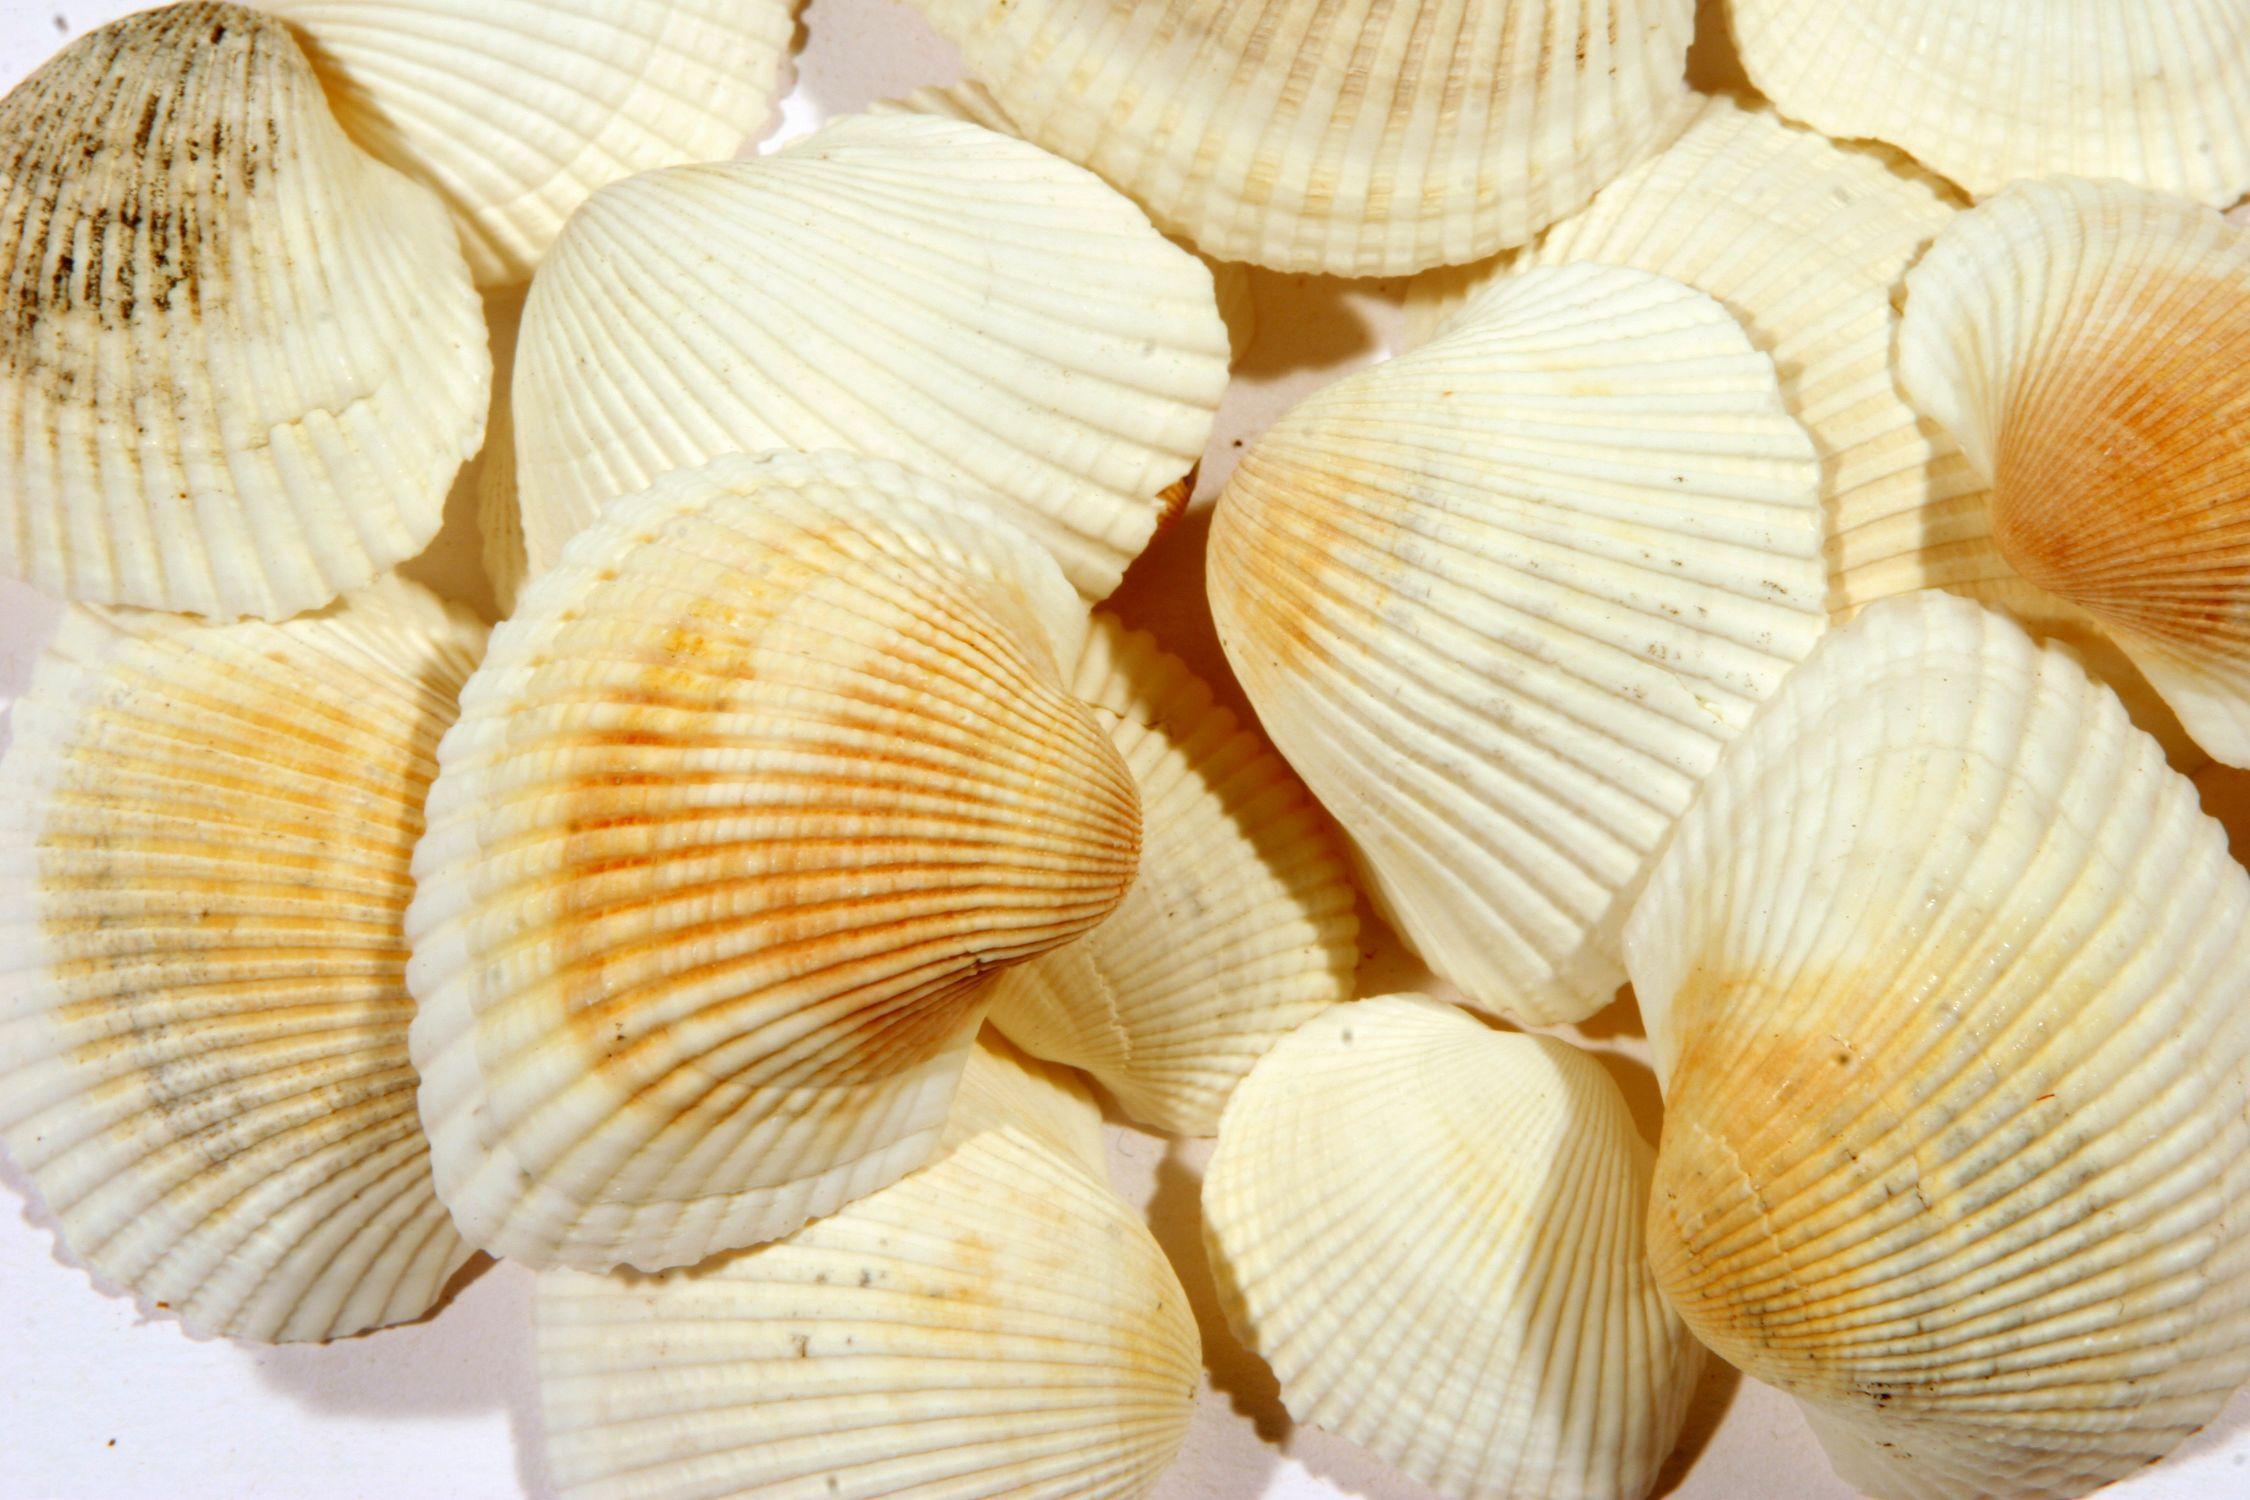 Bild mit Gegenstände, Lebensmittel, Essen, Muschel, Muscheln, Meeresmuschel, meeresmuscheln